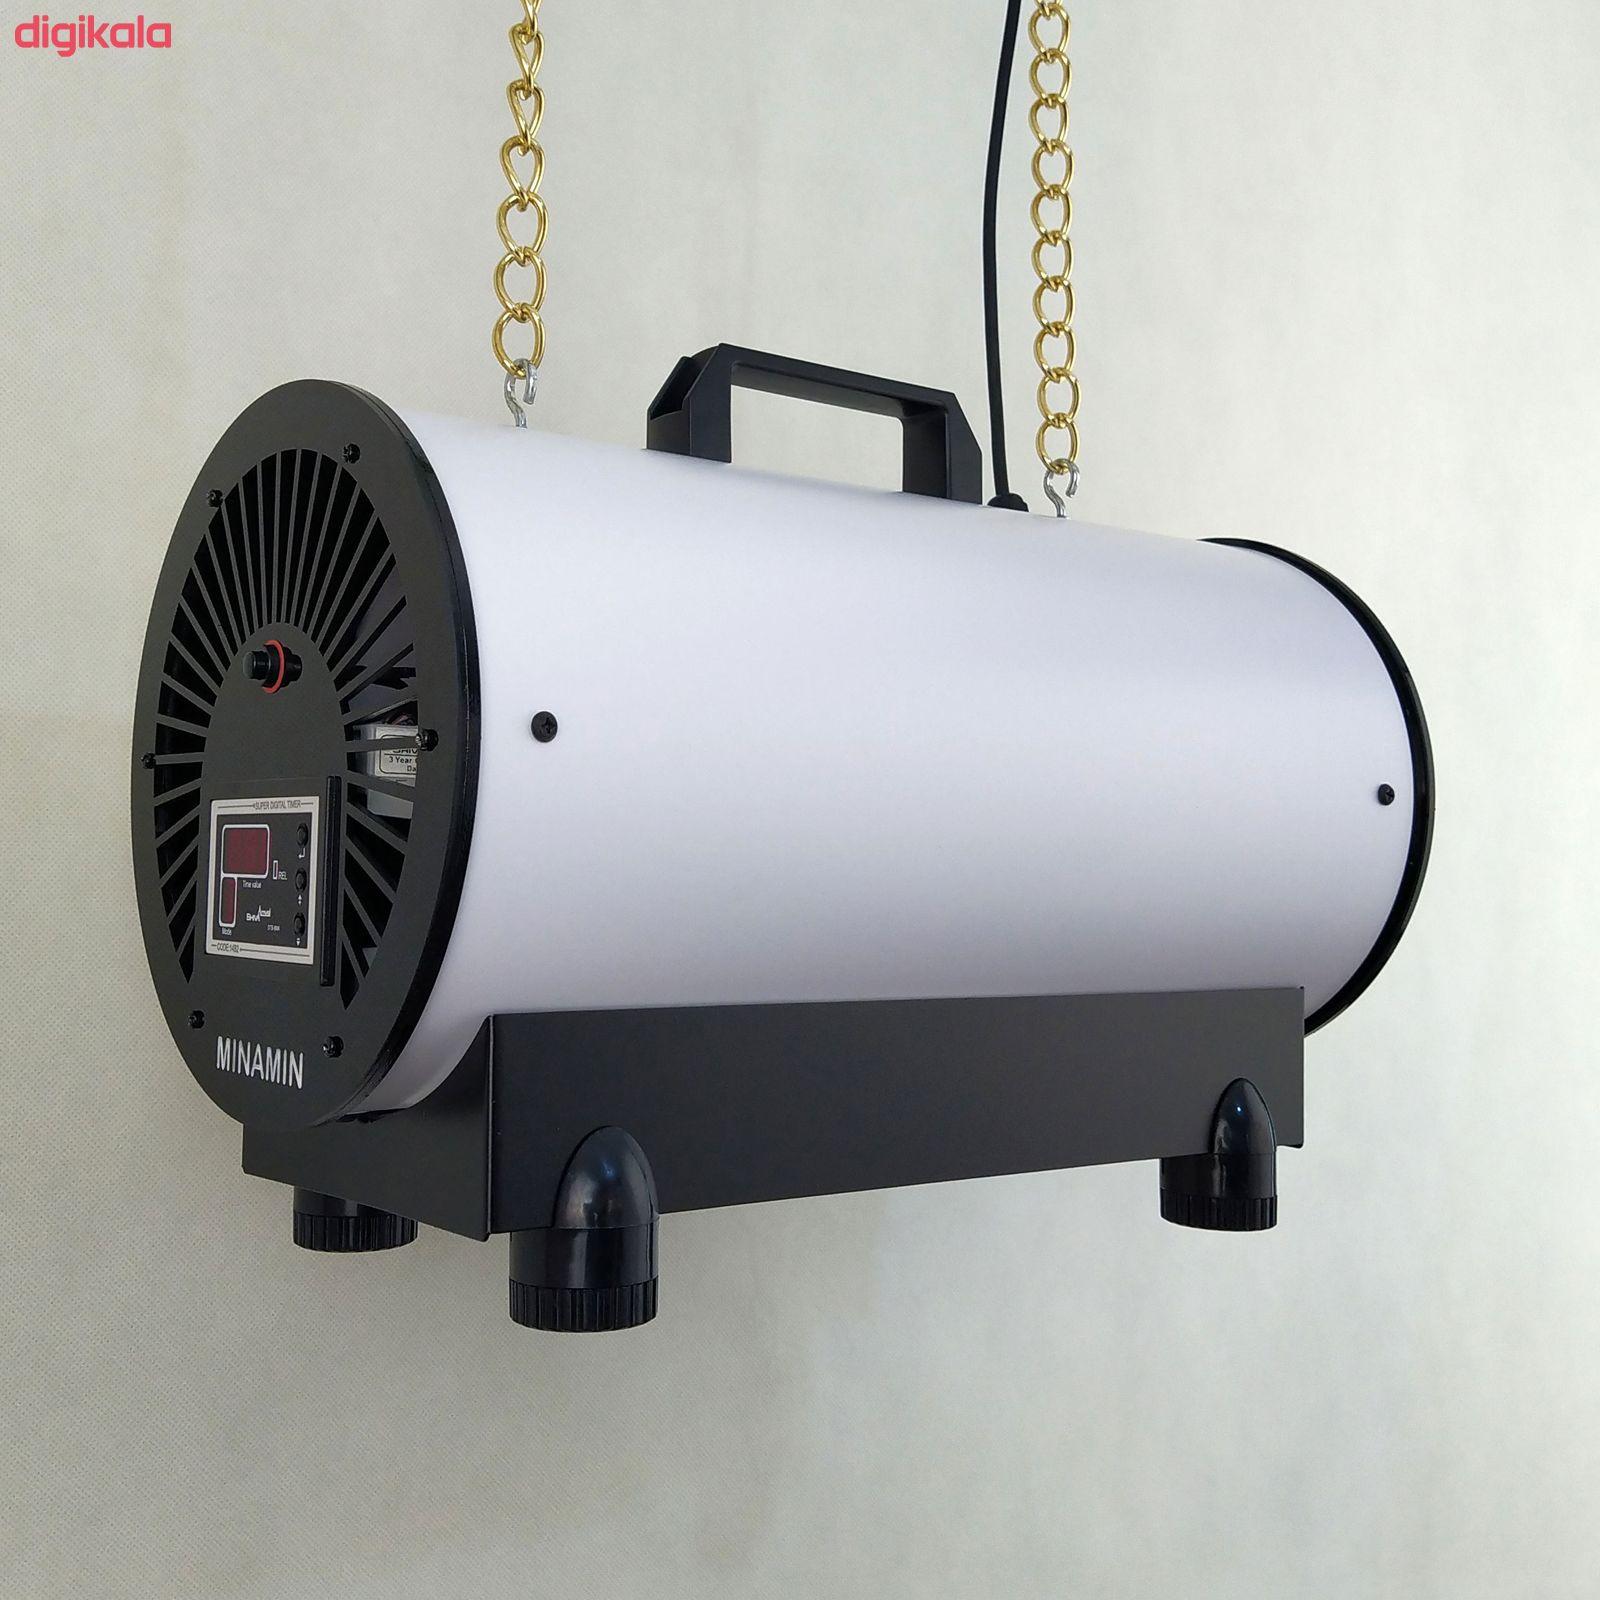 دستگاه تصفیه کننده هوا و سطوح مینامین مدل SP23-P2